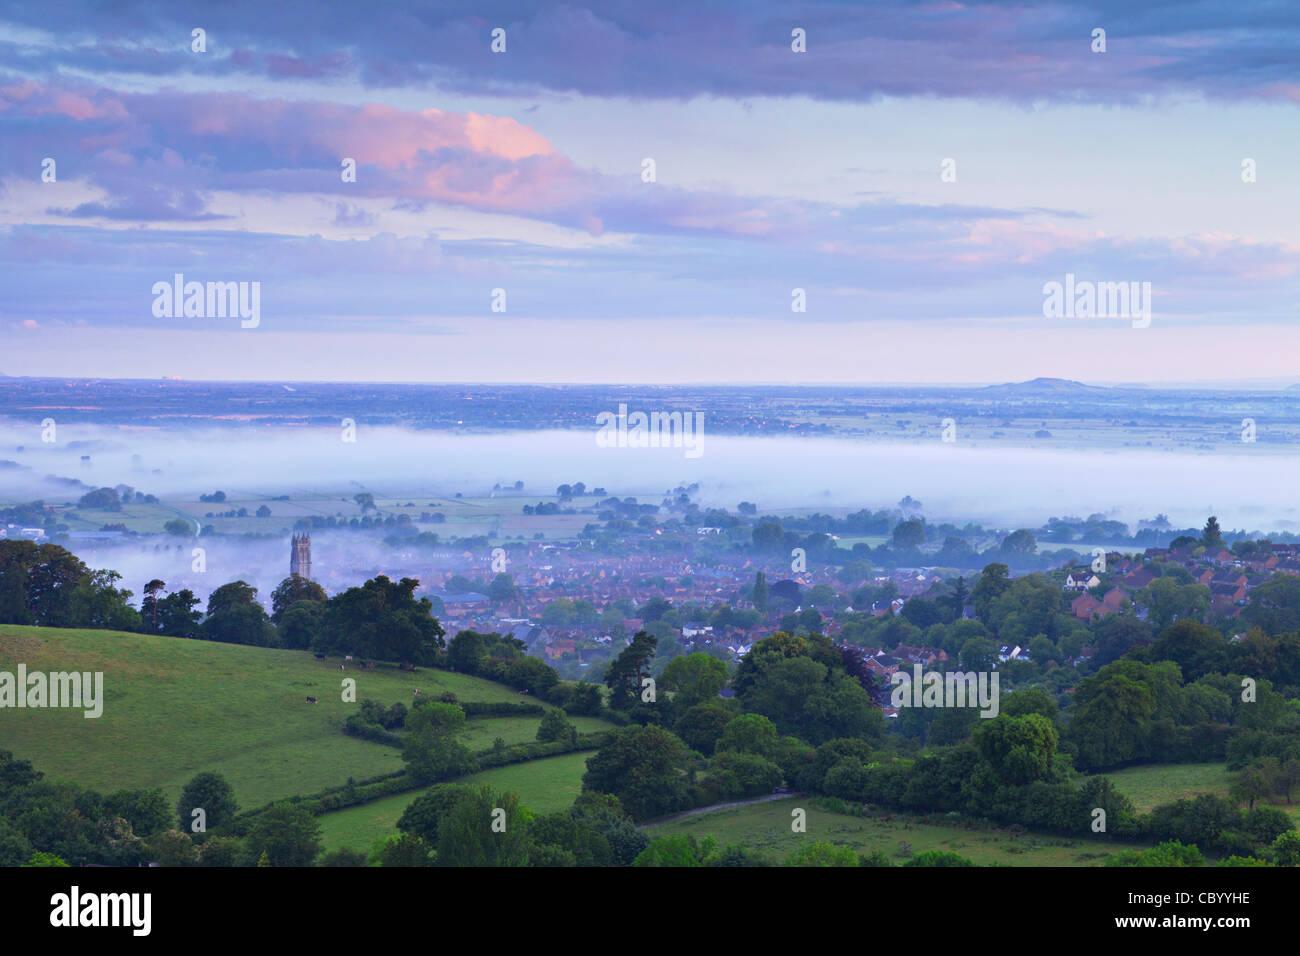 La ville de Glastonbury, Somerset Levels, dans la brume, de Glastonbury Tor, dans avant l'aube, la lumière. Photo Stock